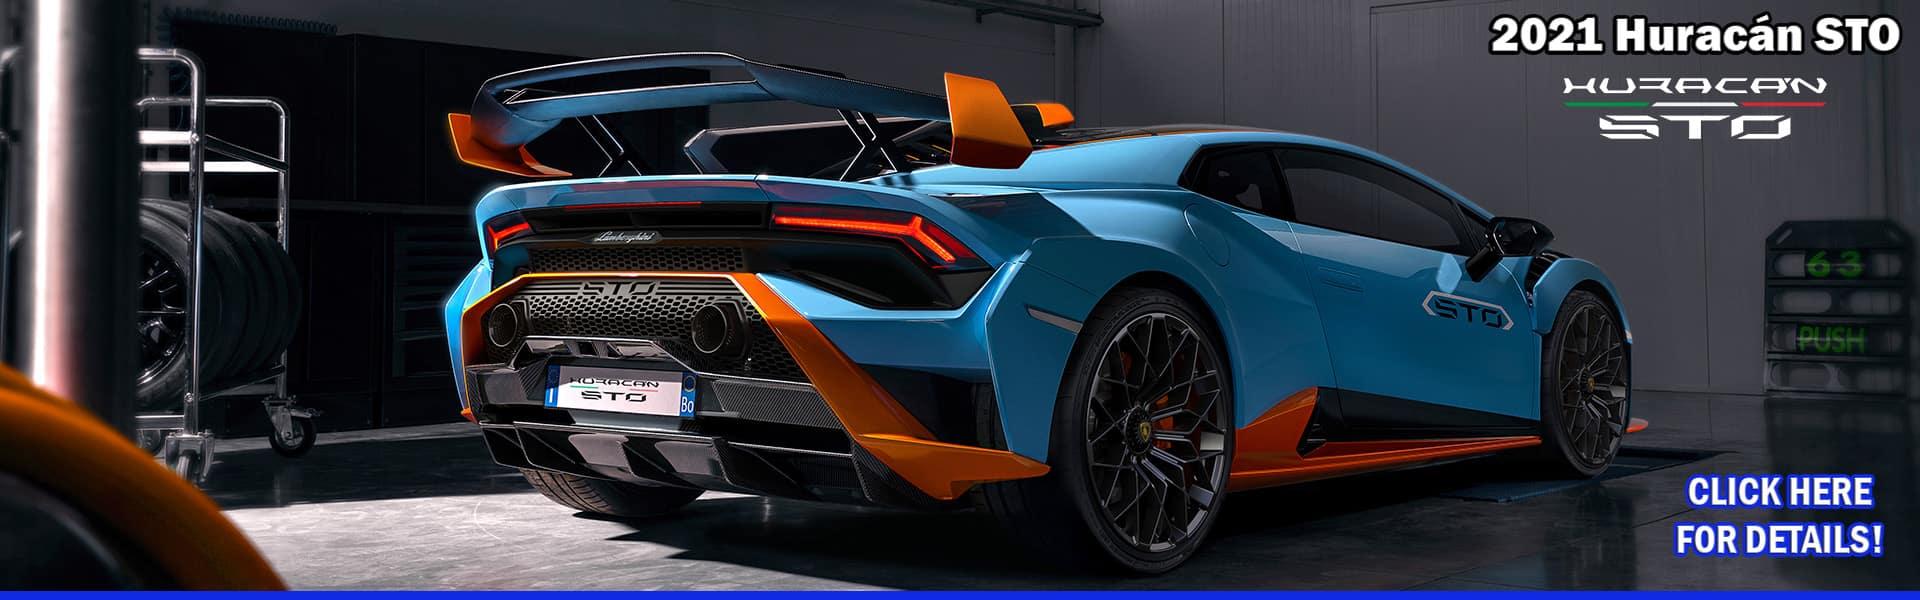 2021 Lamborghini Huracan STO Denver, Colorado